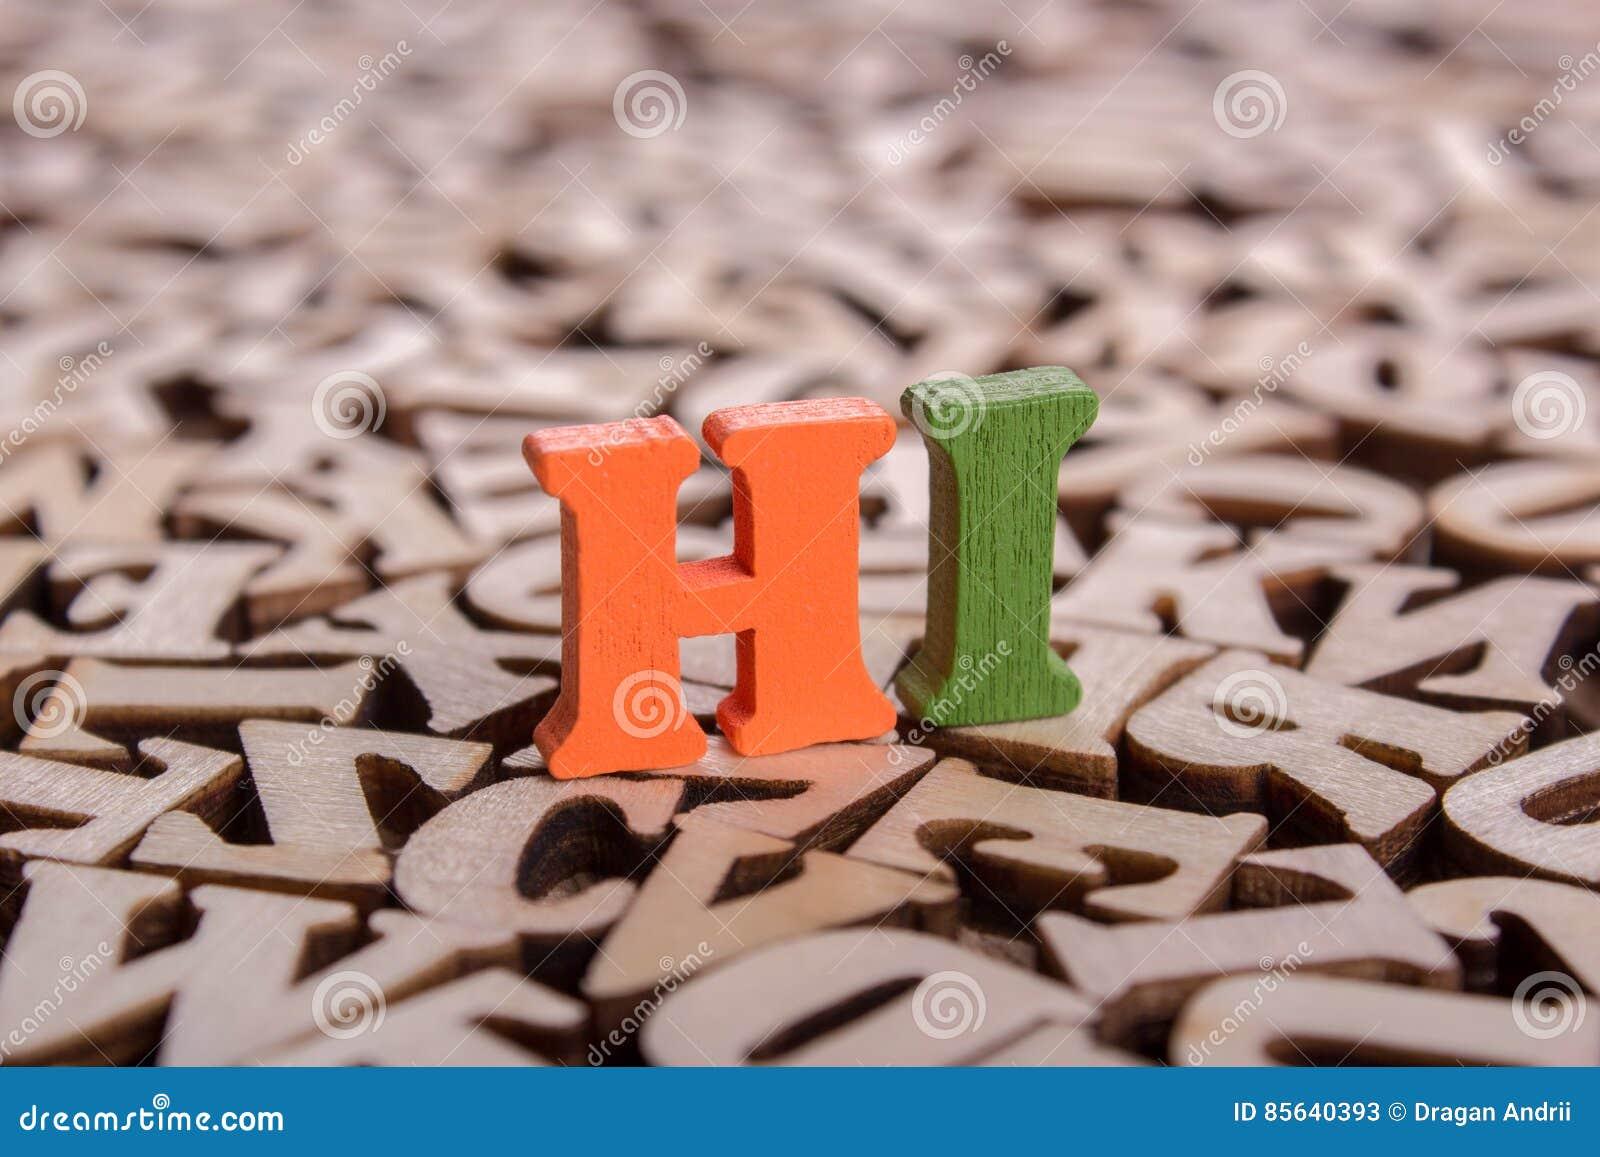 Salut mot fait de lettres en bois